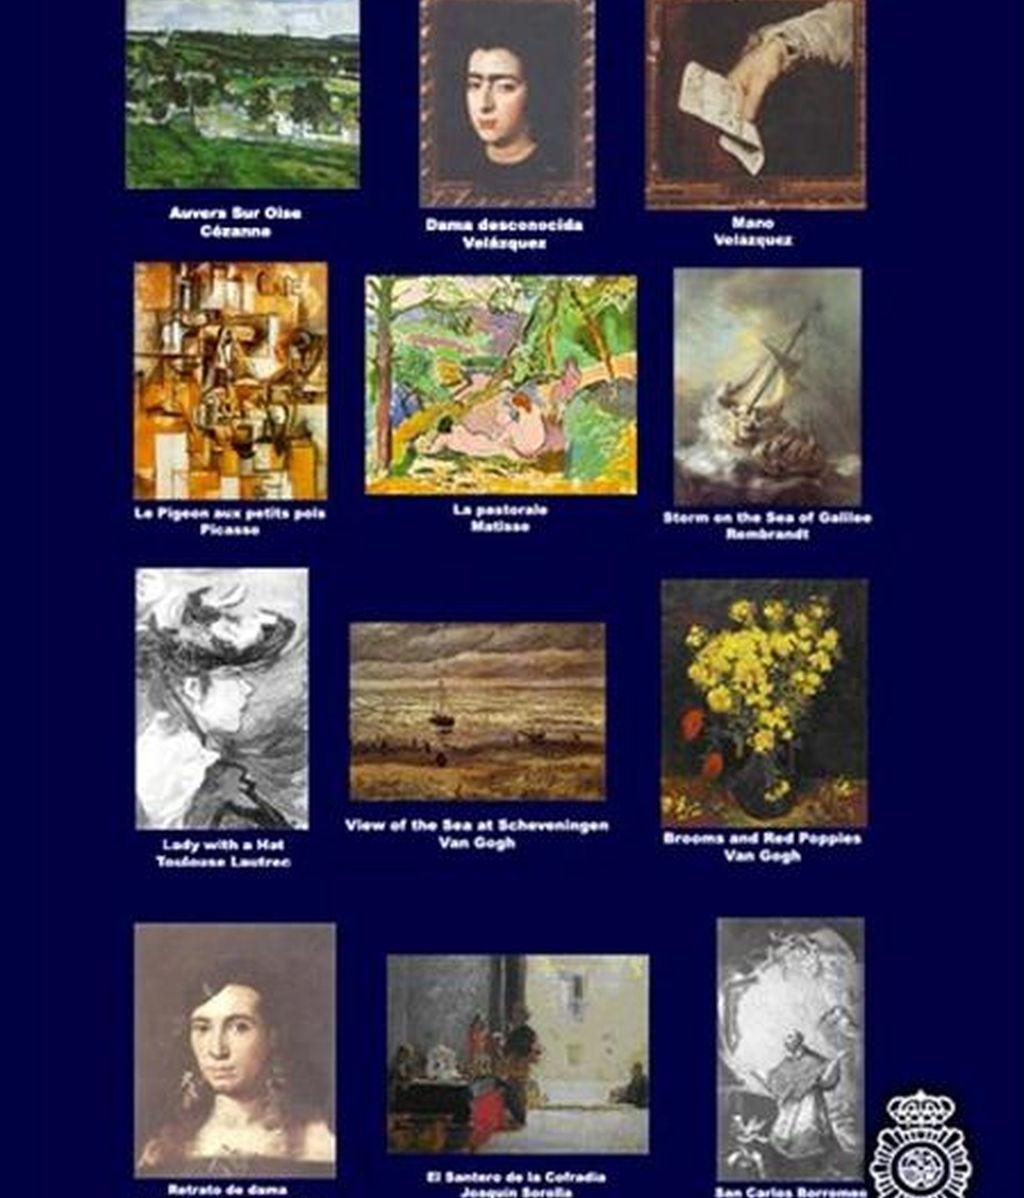 La Policía Nacional ha difundido hoy las imágenes de las obras de arte robadas más buscadas, entre ellas algunas sustraídas hace veinte años y otras con rúbricas tan importantes y reconocidas como las de Picasso, Matisse, Rembrandt, Velázquez, Van Gogh, Cézanne o Sorolla. EFE